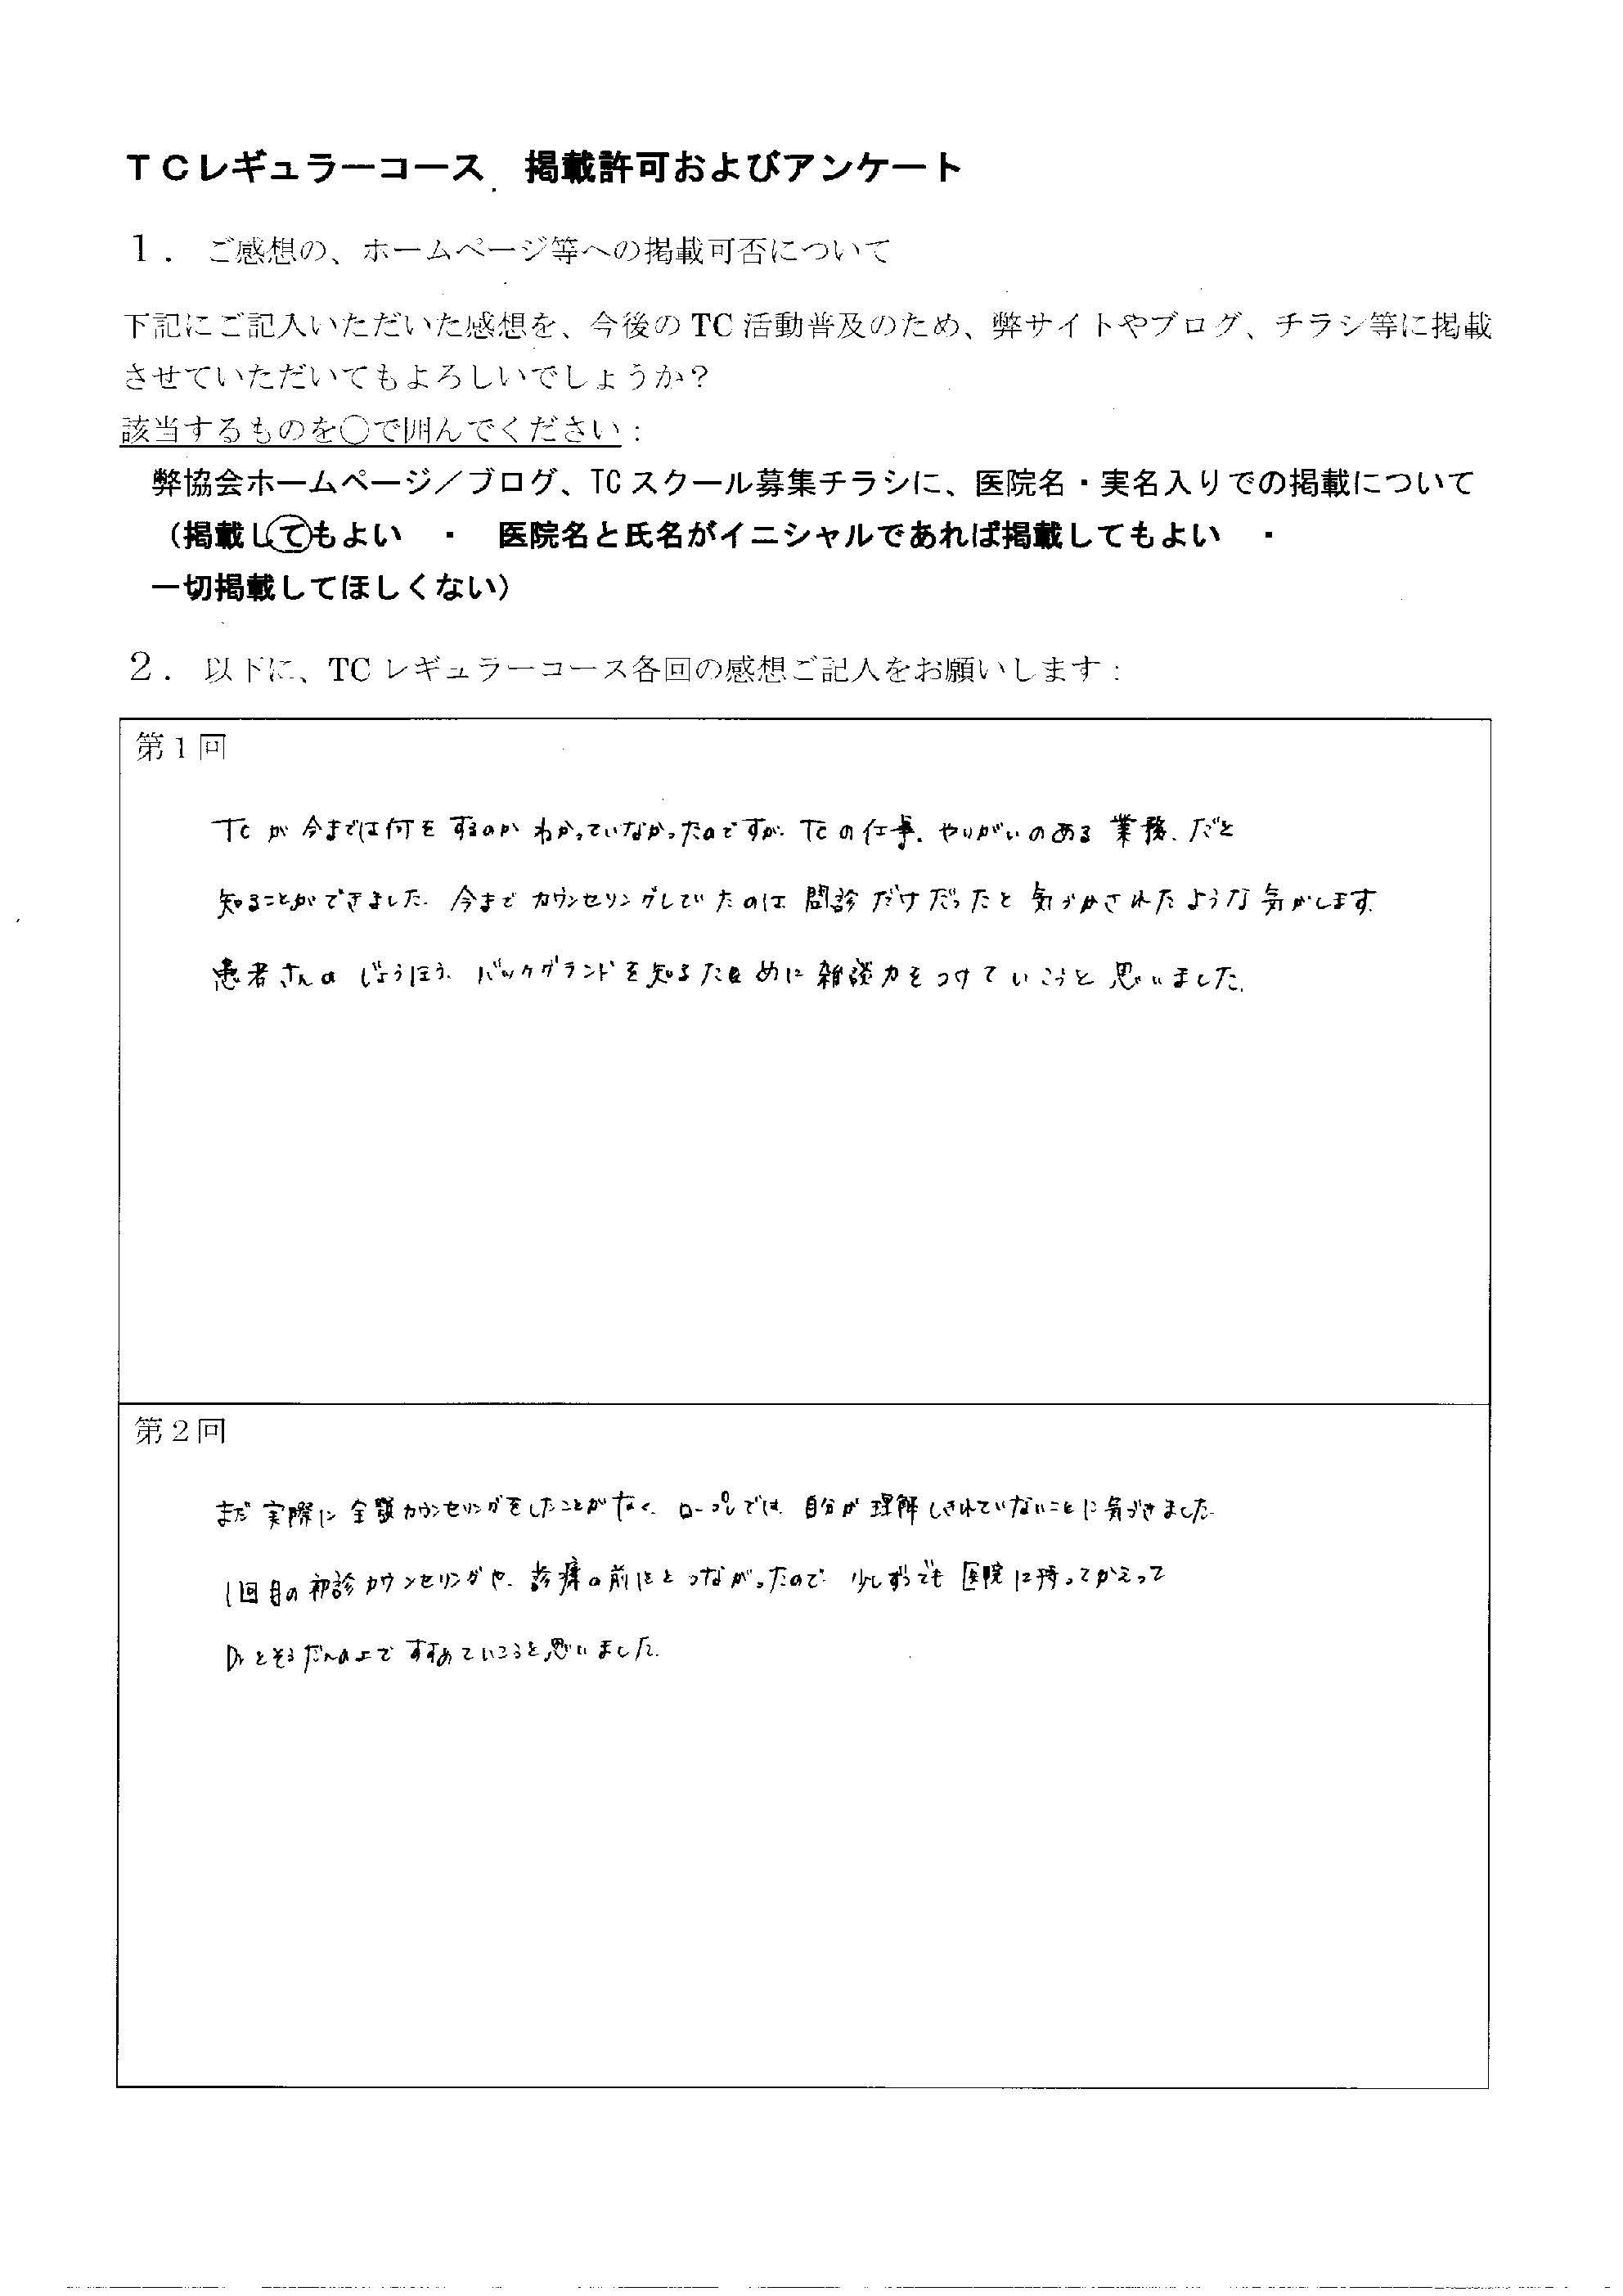 田中杏奈 様アンケート